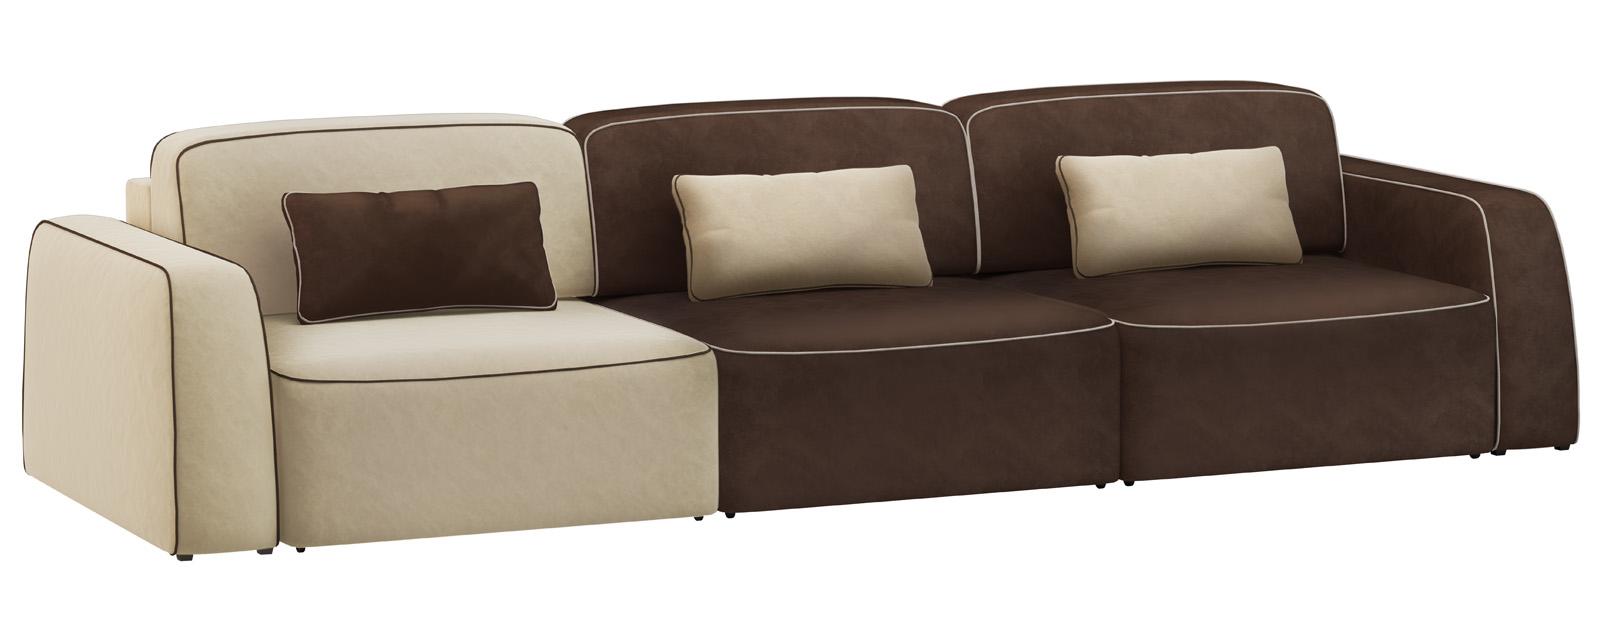 Модульный диван Портленд 300 см Вариант №2 Velure бежевый/темно-коричневый (Велюр) от HomeMe.ru